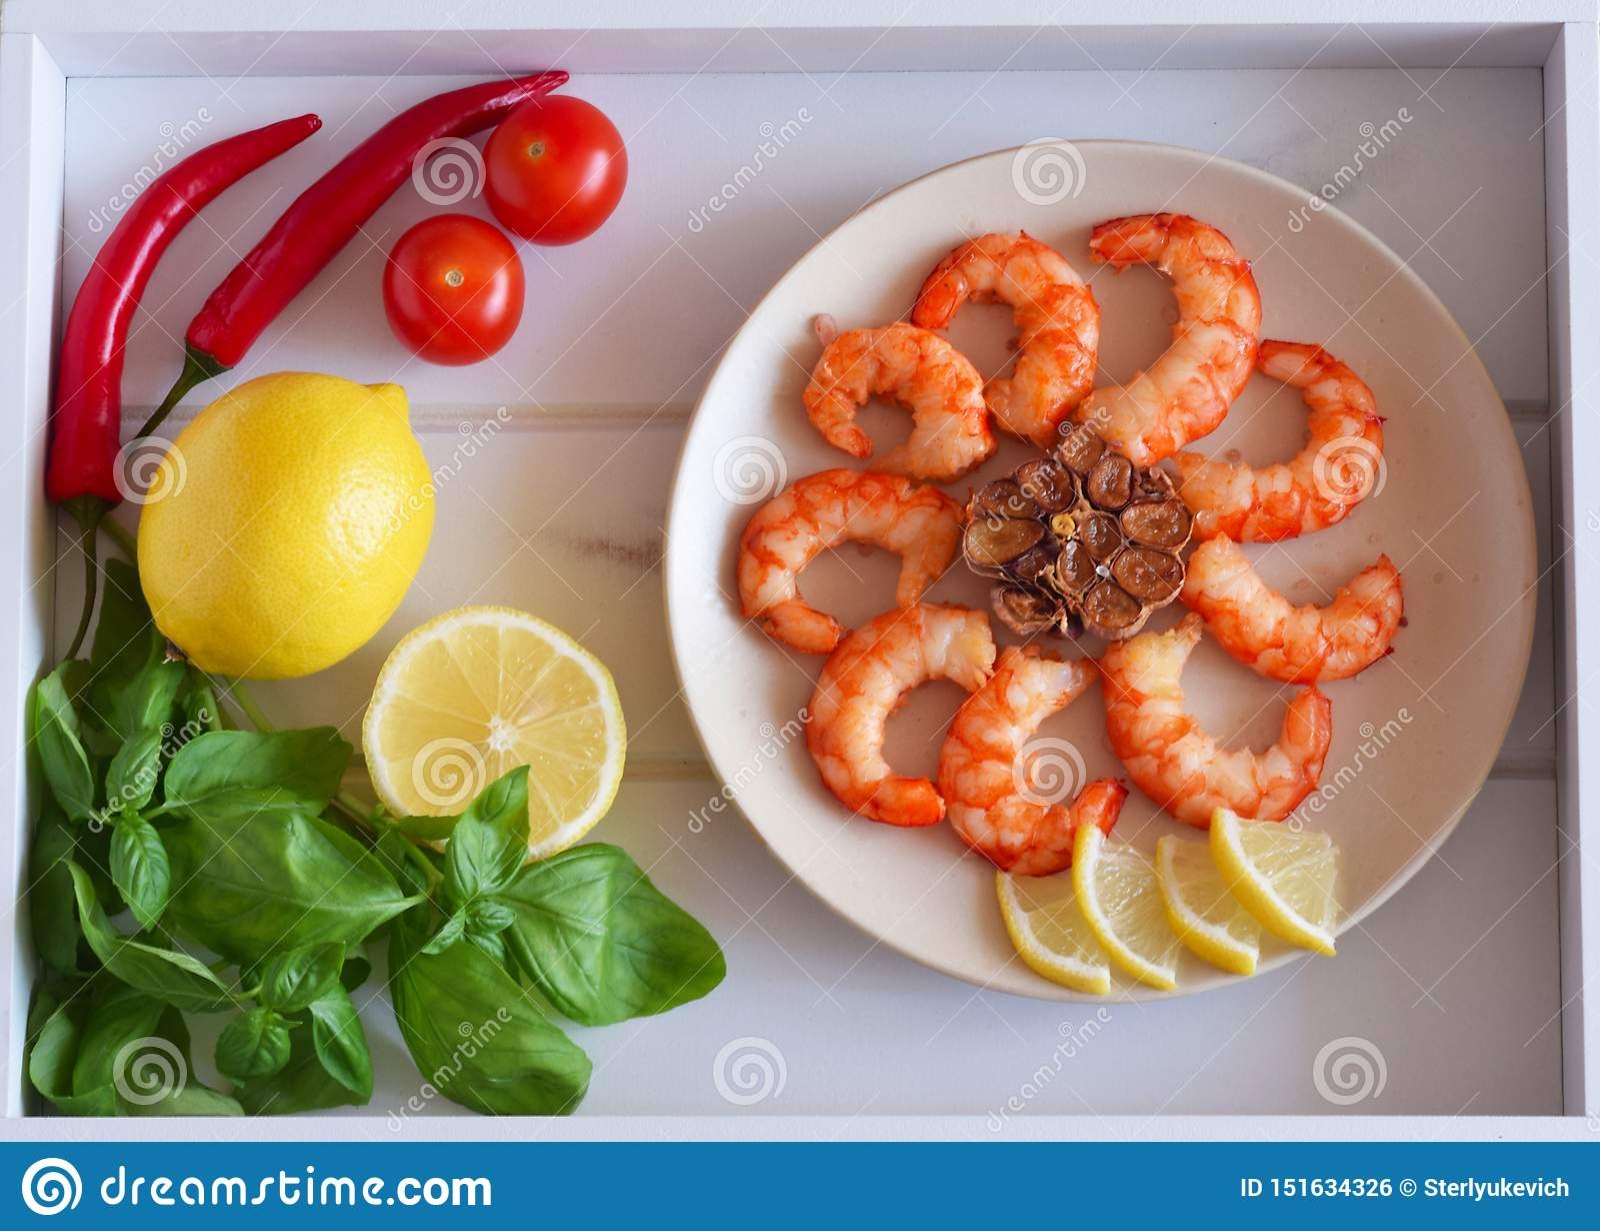 Γαρίδες που τηγανίζονται σε ένα πιάτο και φρέσκα λαχανικά, φρούτα σε έναν όμορφο δίσκο